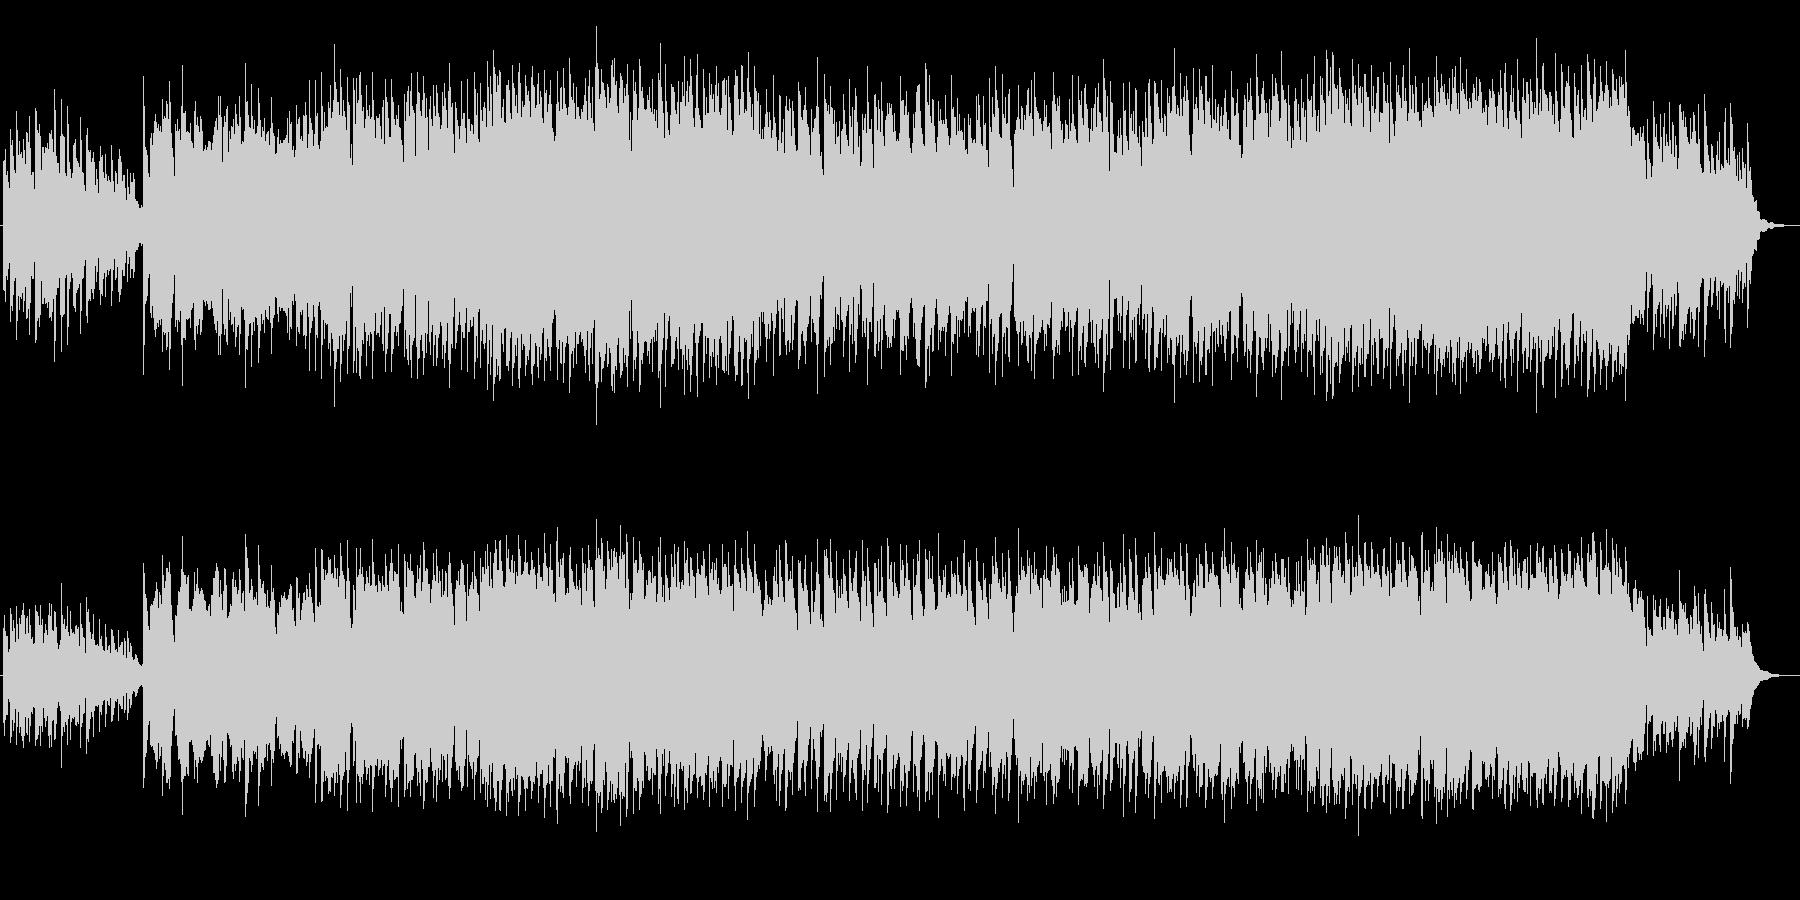 美しく綺麗なシンセサイザーサウンドの未再生の波形